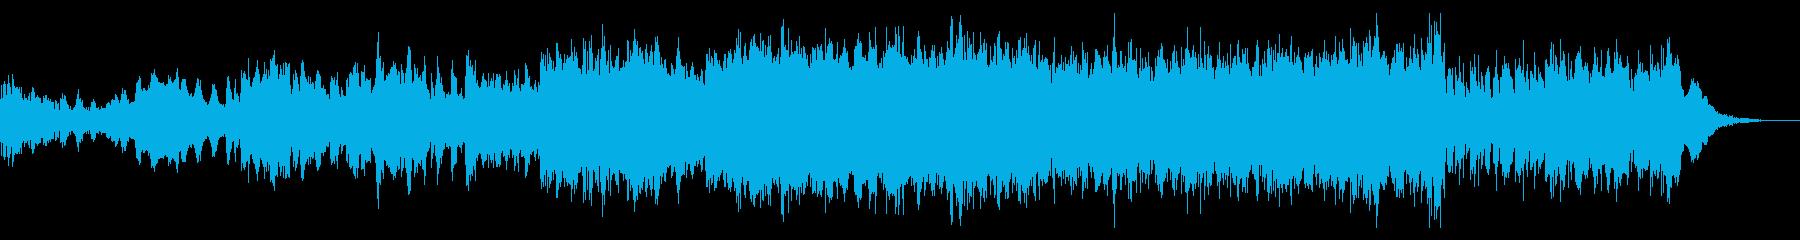 ダークなイメージの楽曲の再生済みの波形